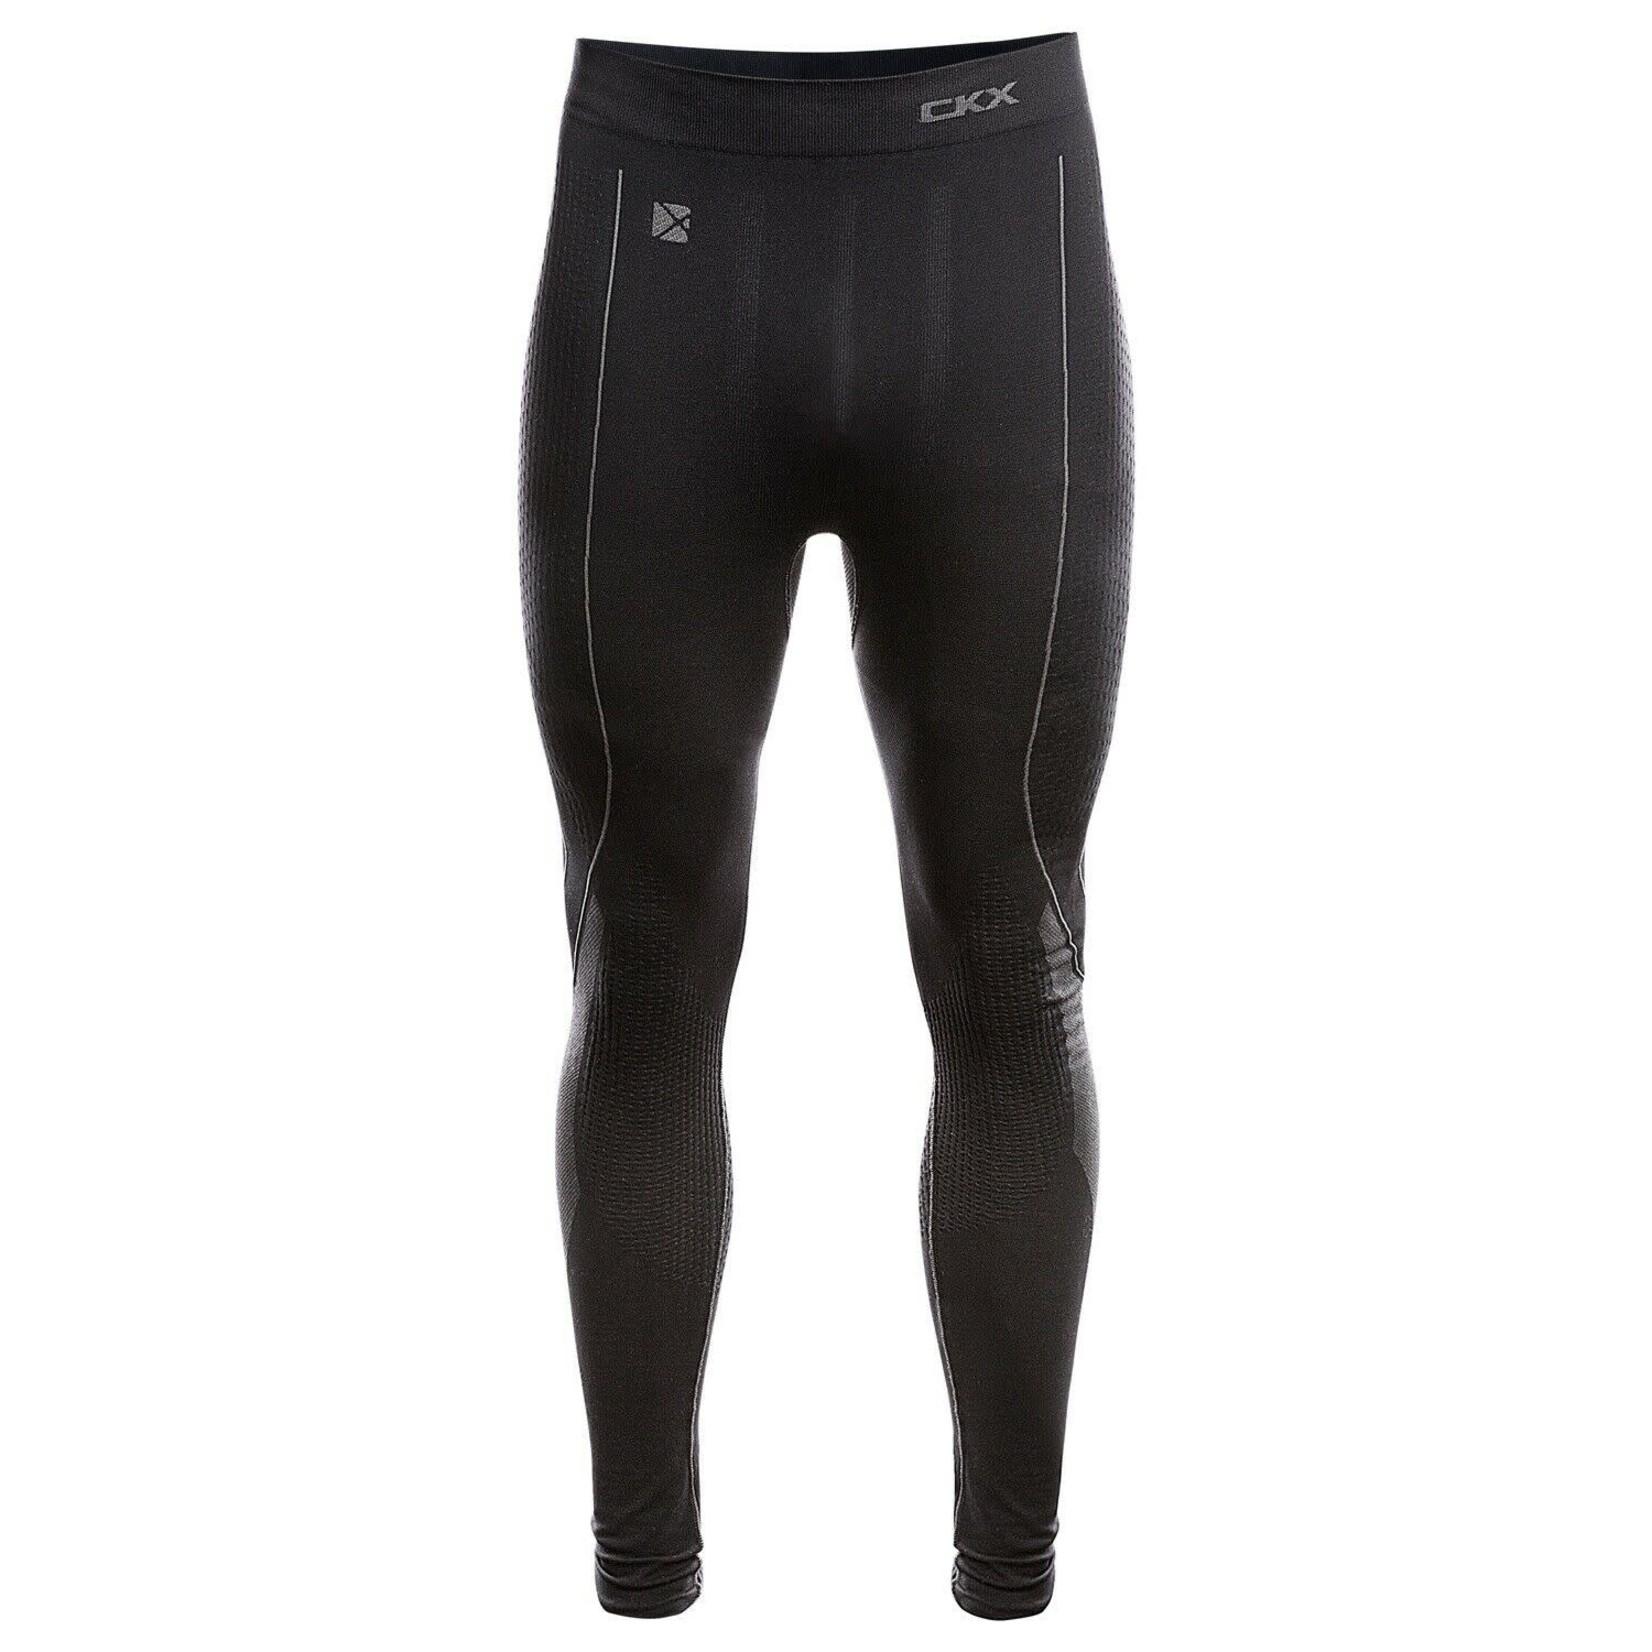 CKX CKX Thermal Underwear - Bottom - L/XL